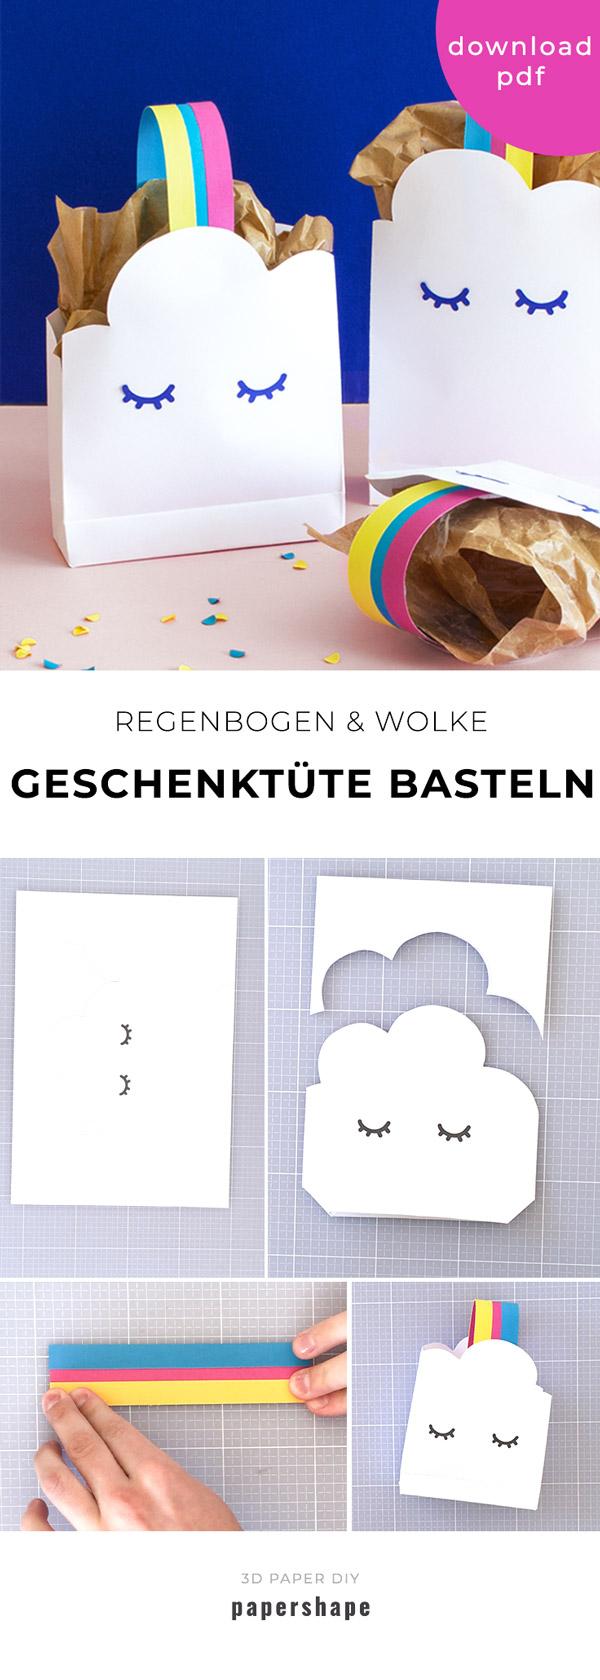 Lustige Geschenktute Basteln Zum Kindergeburstag Mit Vorlage Geschenktute Basteln Kindergeburtstag Basteln Geschenktute